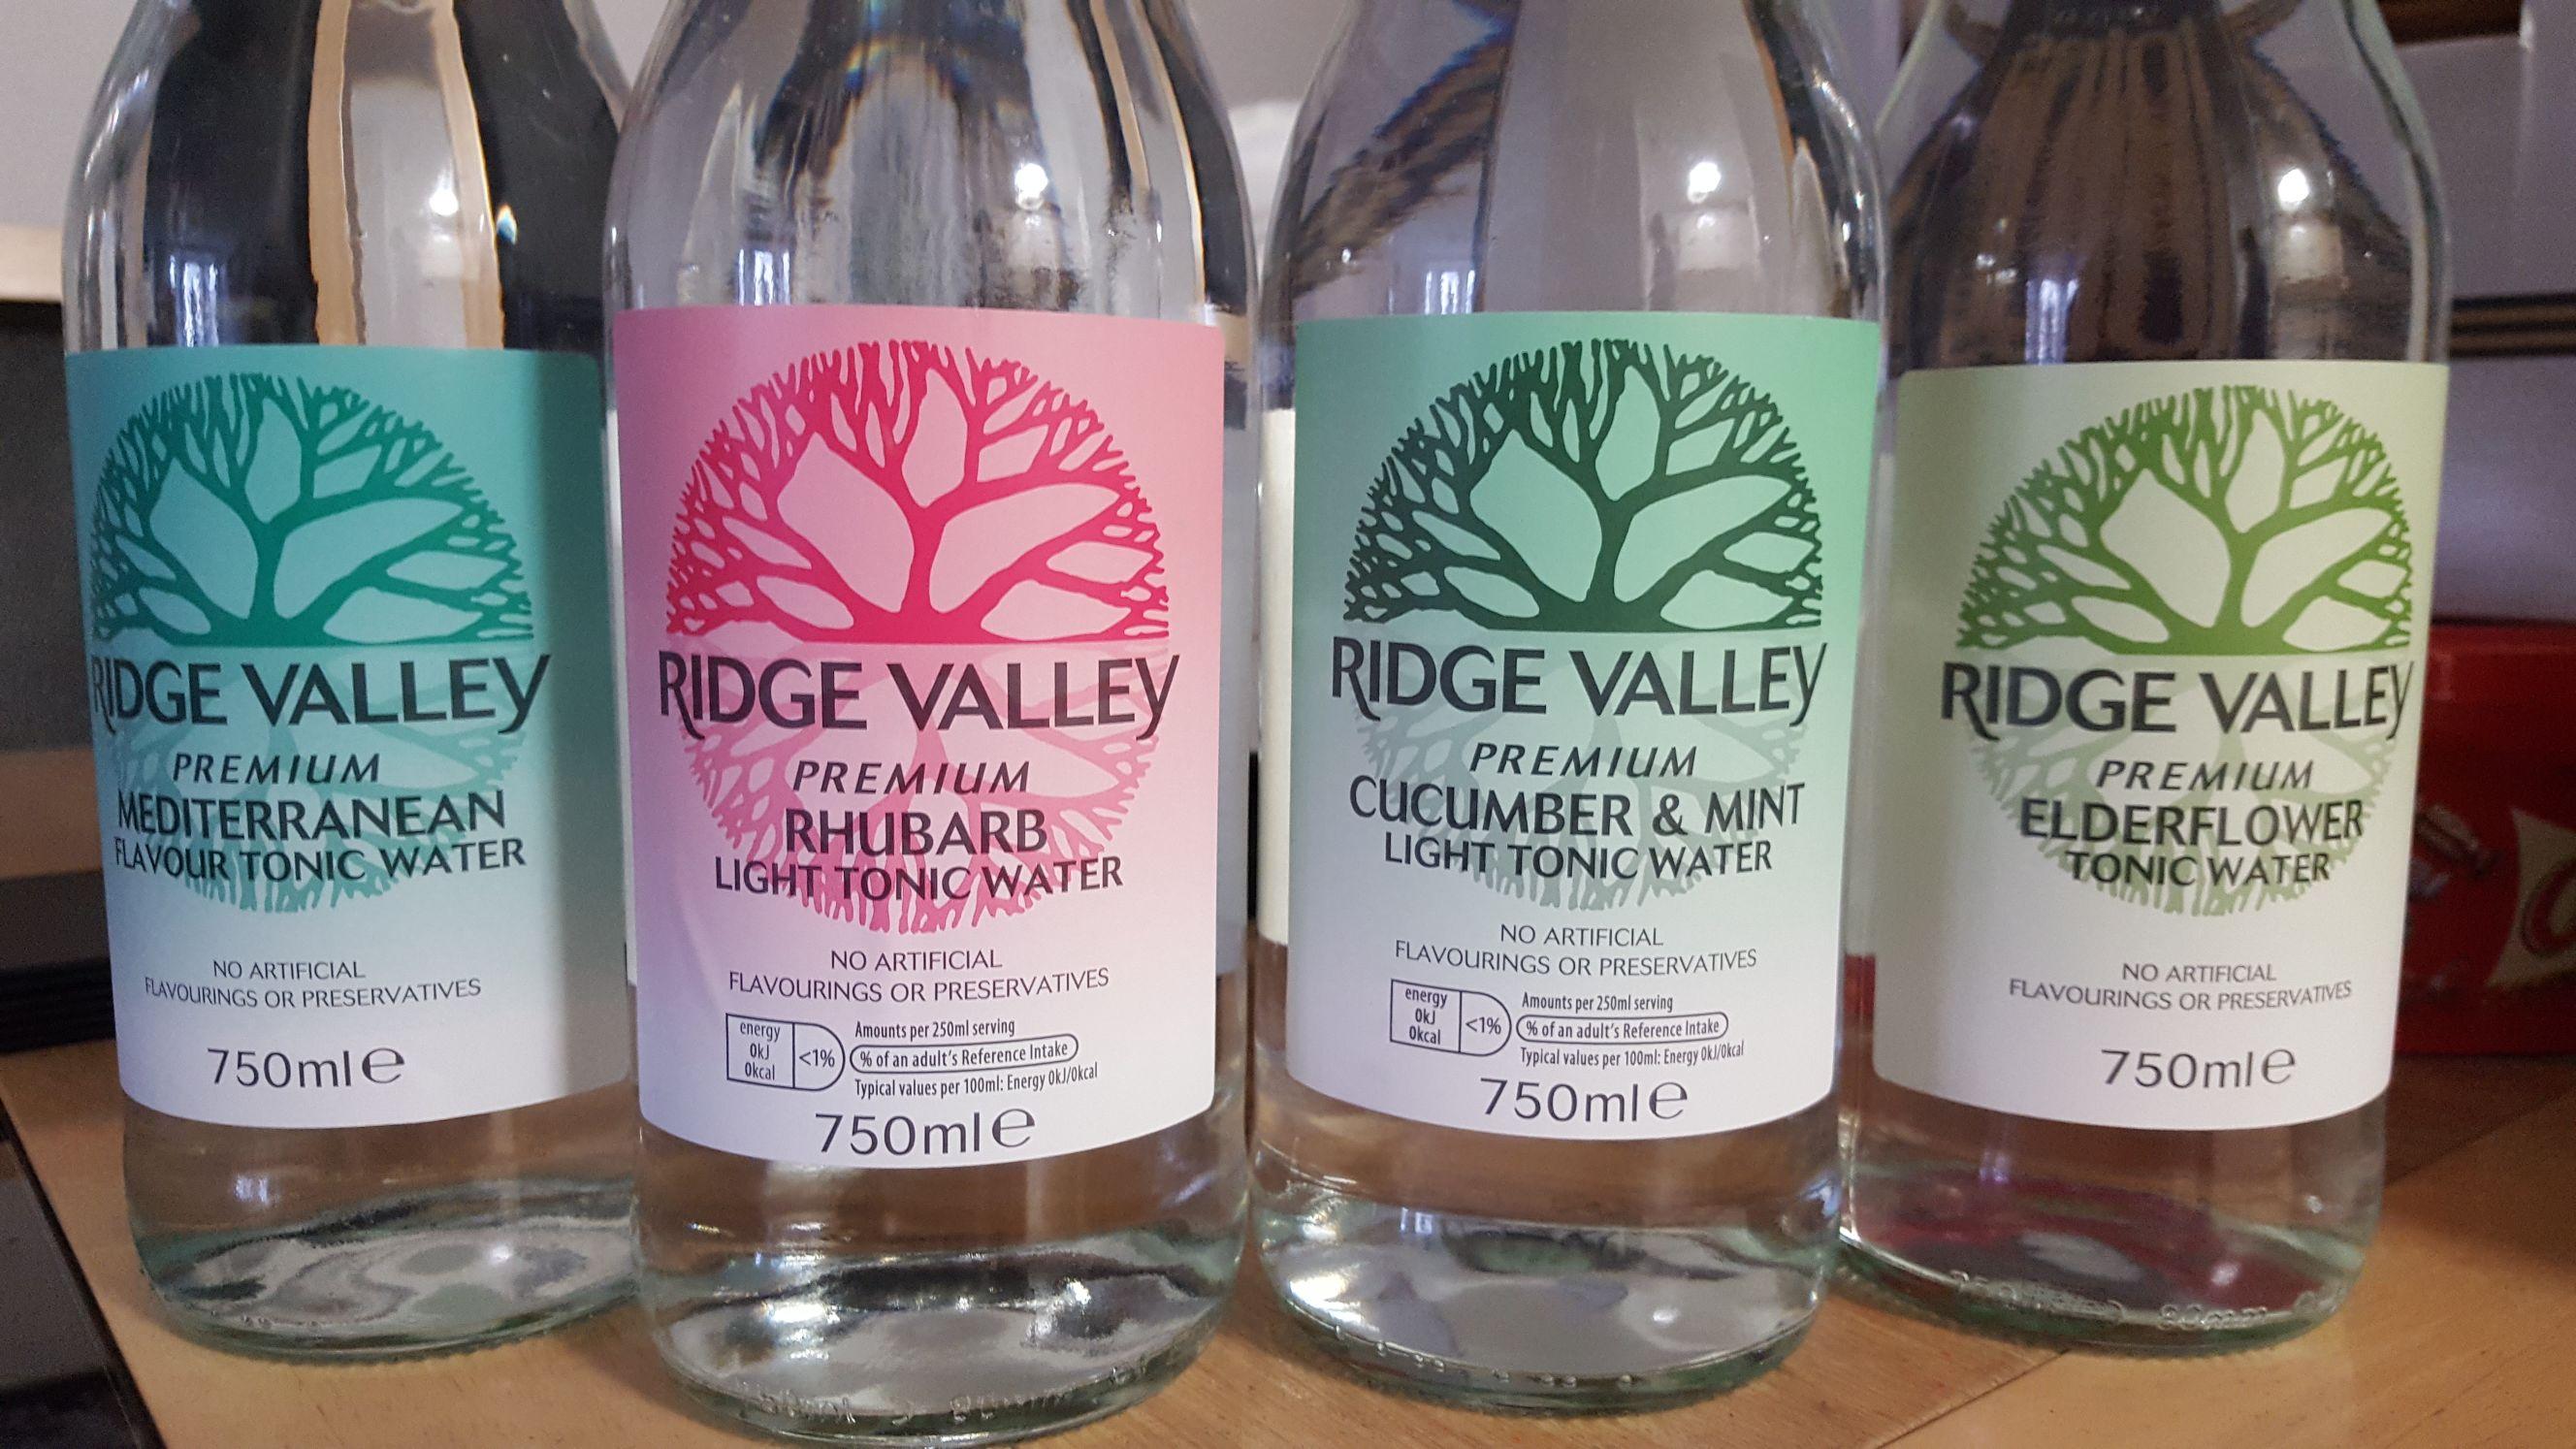 ALDI - Ridge Valley Premium Tonic 750ml  £1.19